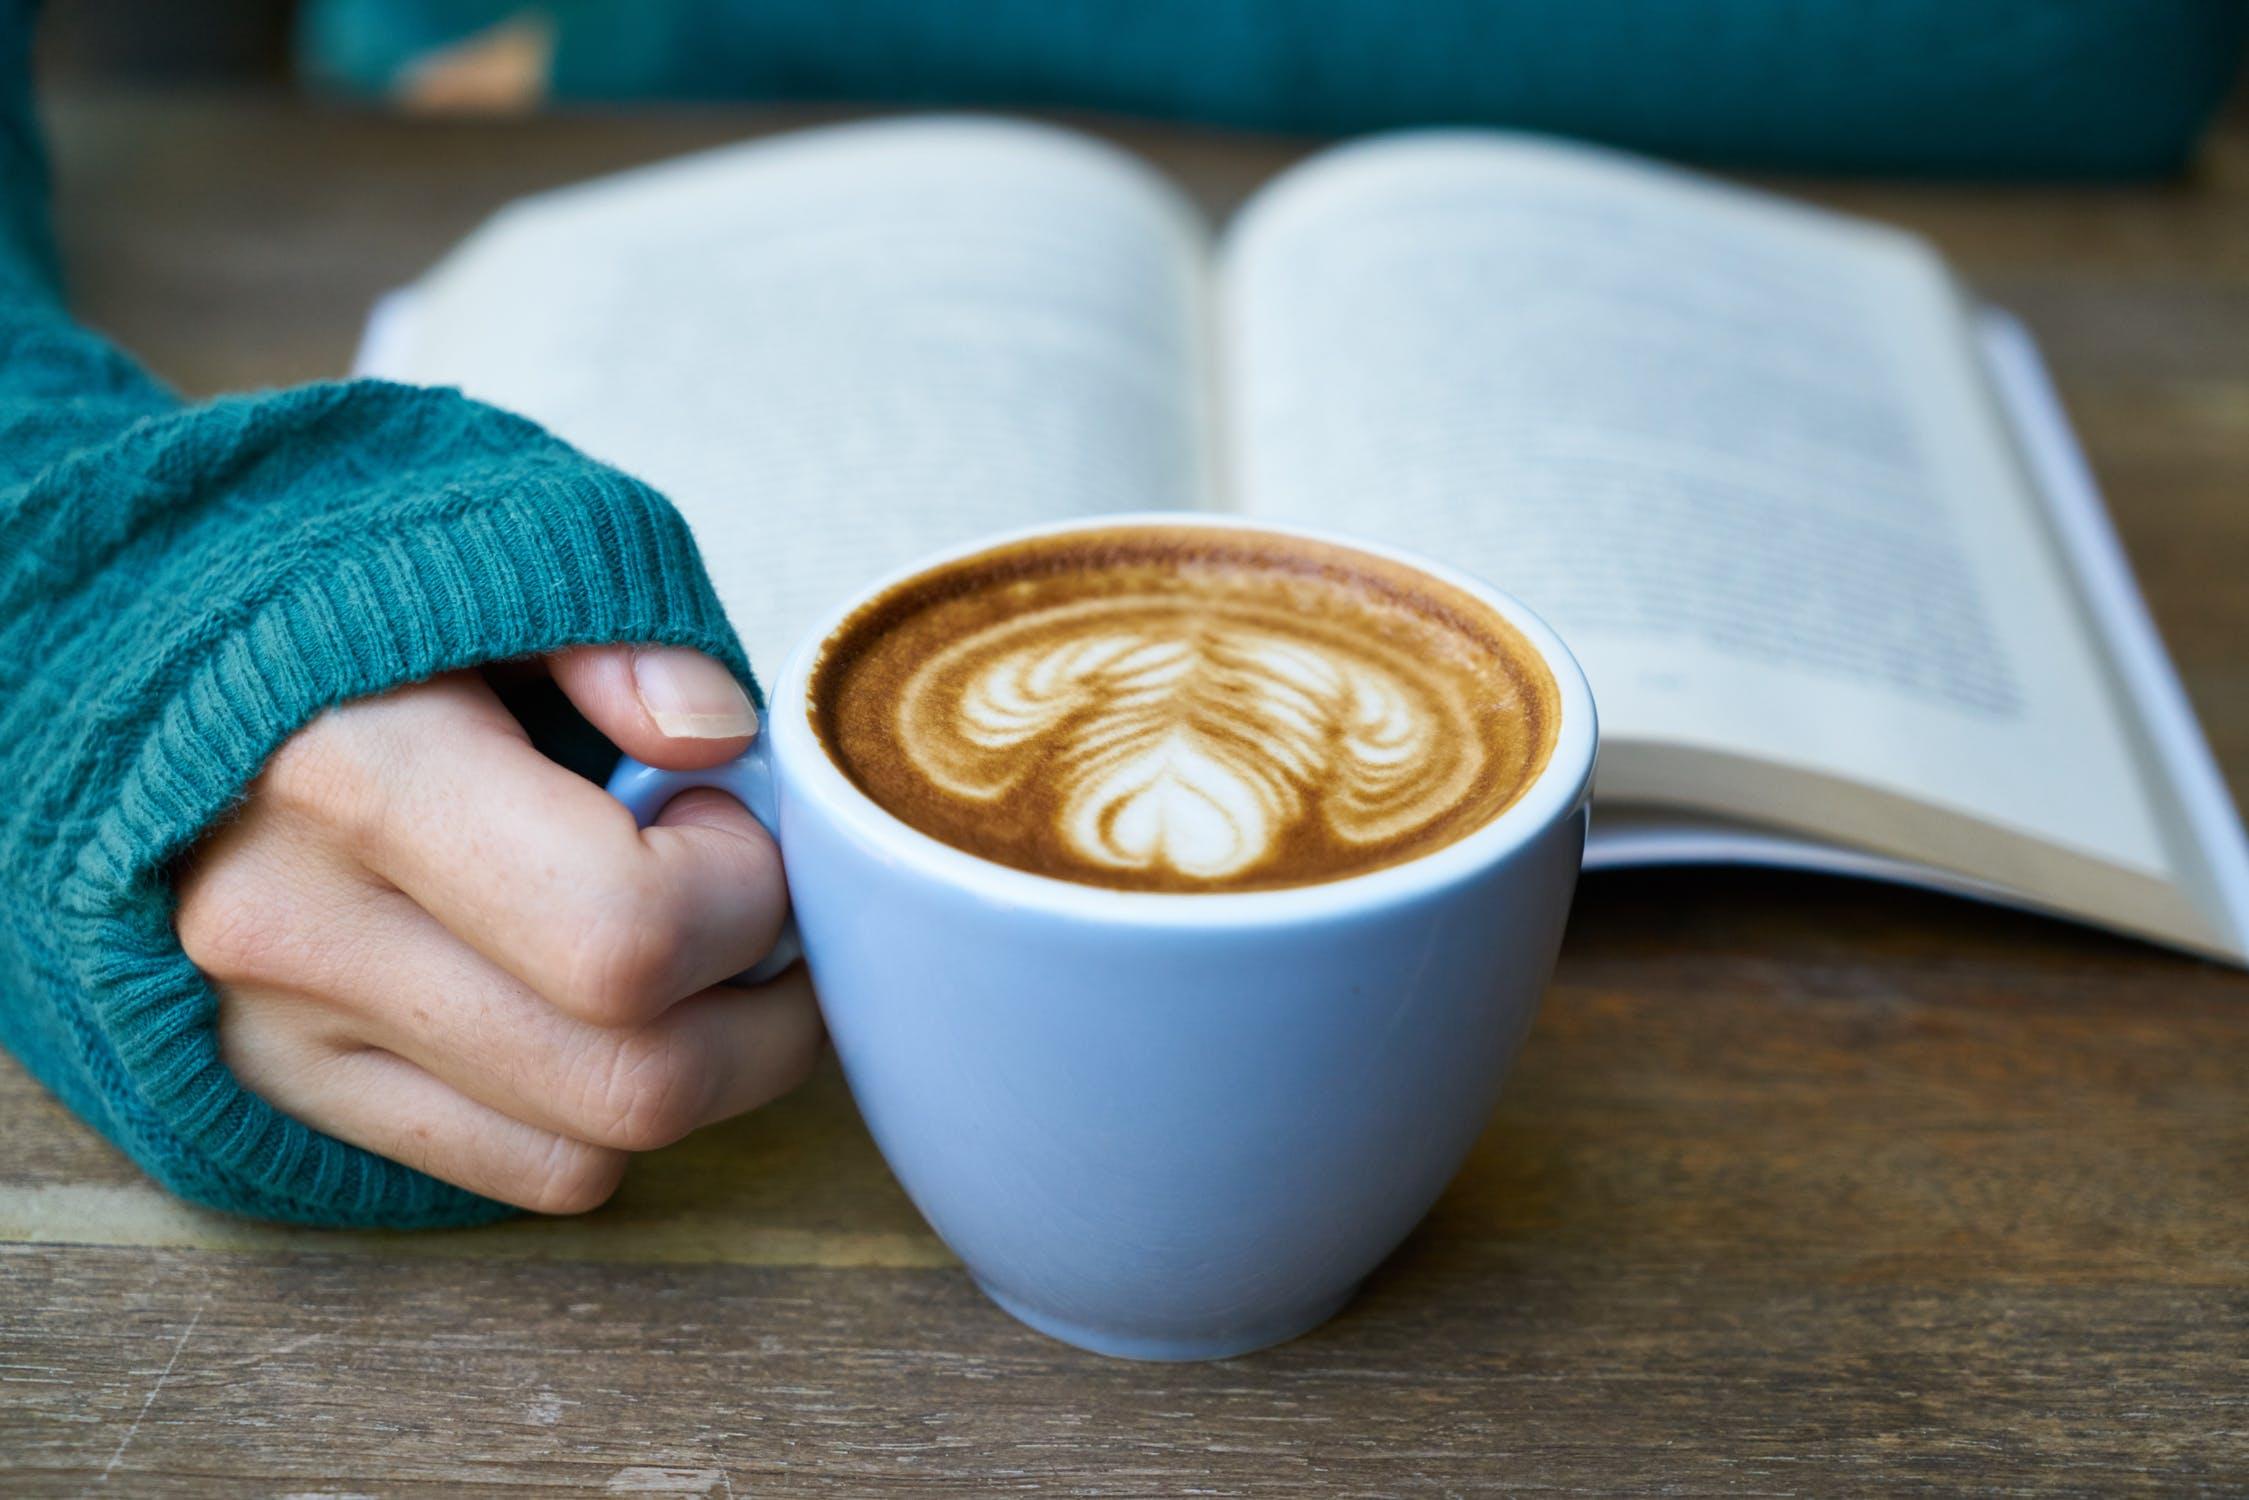 Vďaka čítaniu nahlas môžeme spájať aj ľudí naokolo. / Foto: Pexels (Pixabay)